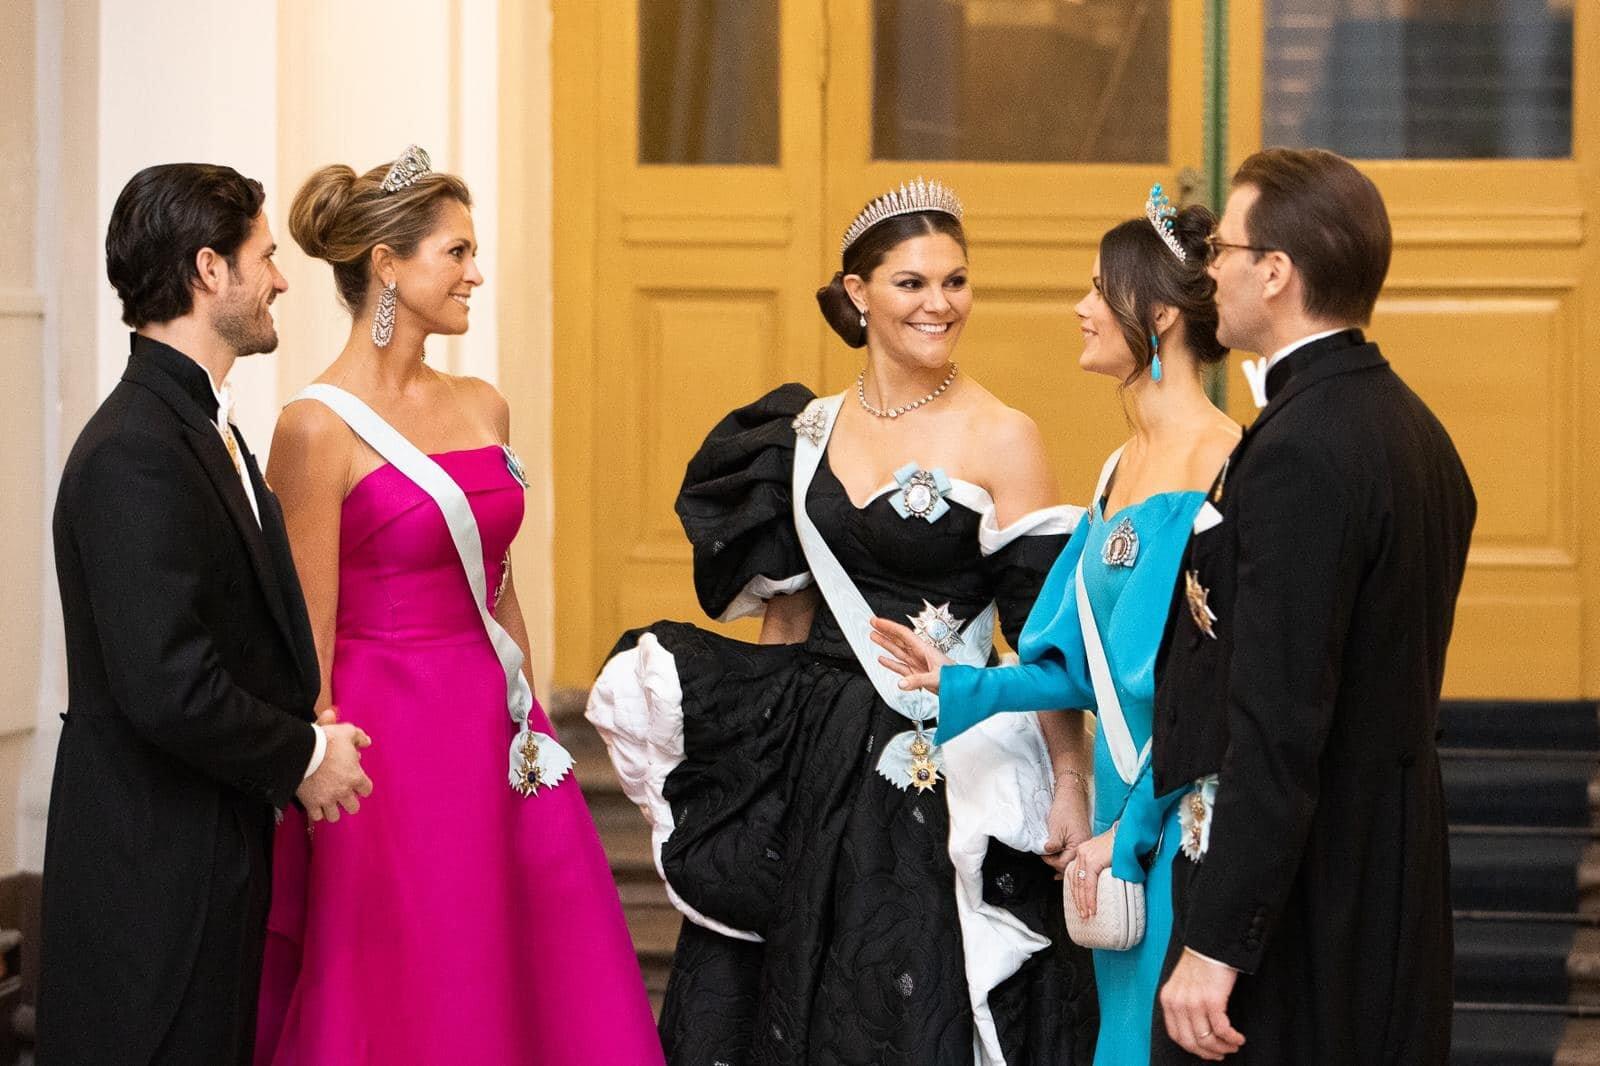 Kein Streit bei den schwedischen Royals: Prinzessin Sofia wird von ihrer Familie akzeptiert.  © Sara Friberg/Kungl. Hovstaterna